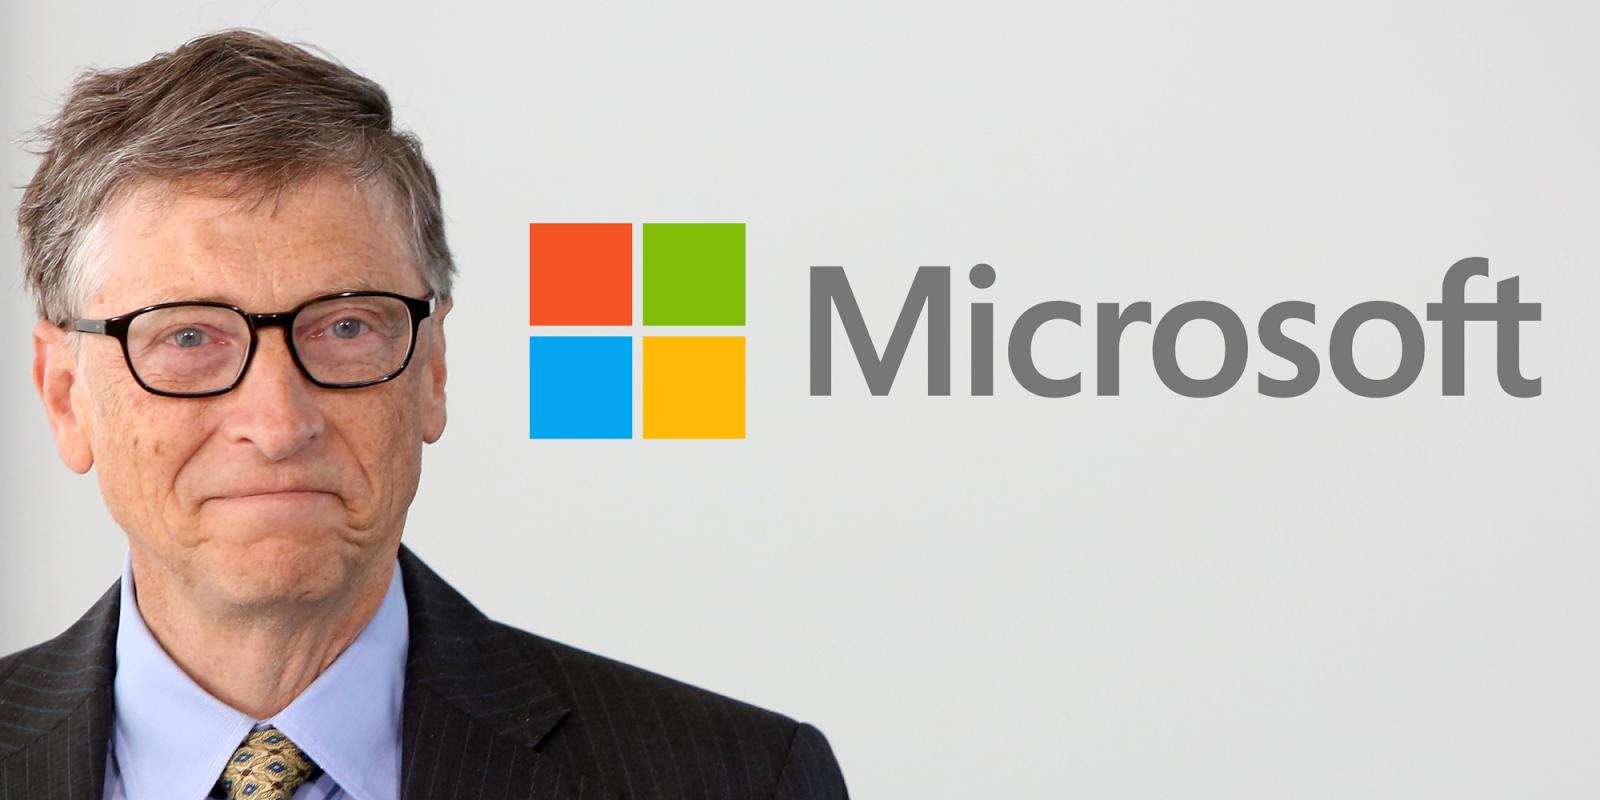 Kenal Bill Gates? Inilah Beberapa Fakta Mencengangkan Tentang Pendiri Microsoft